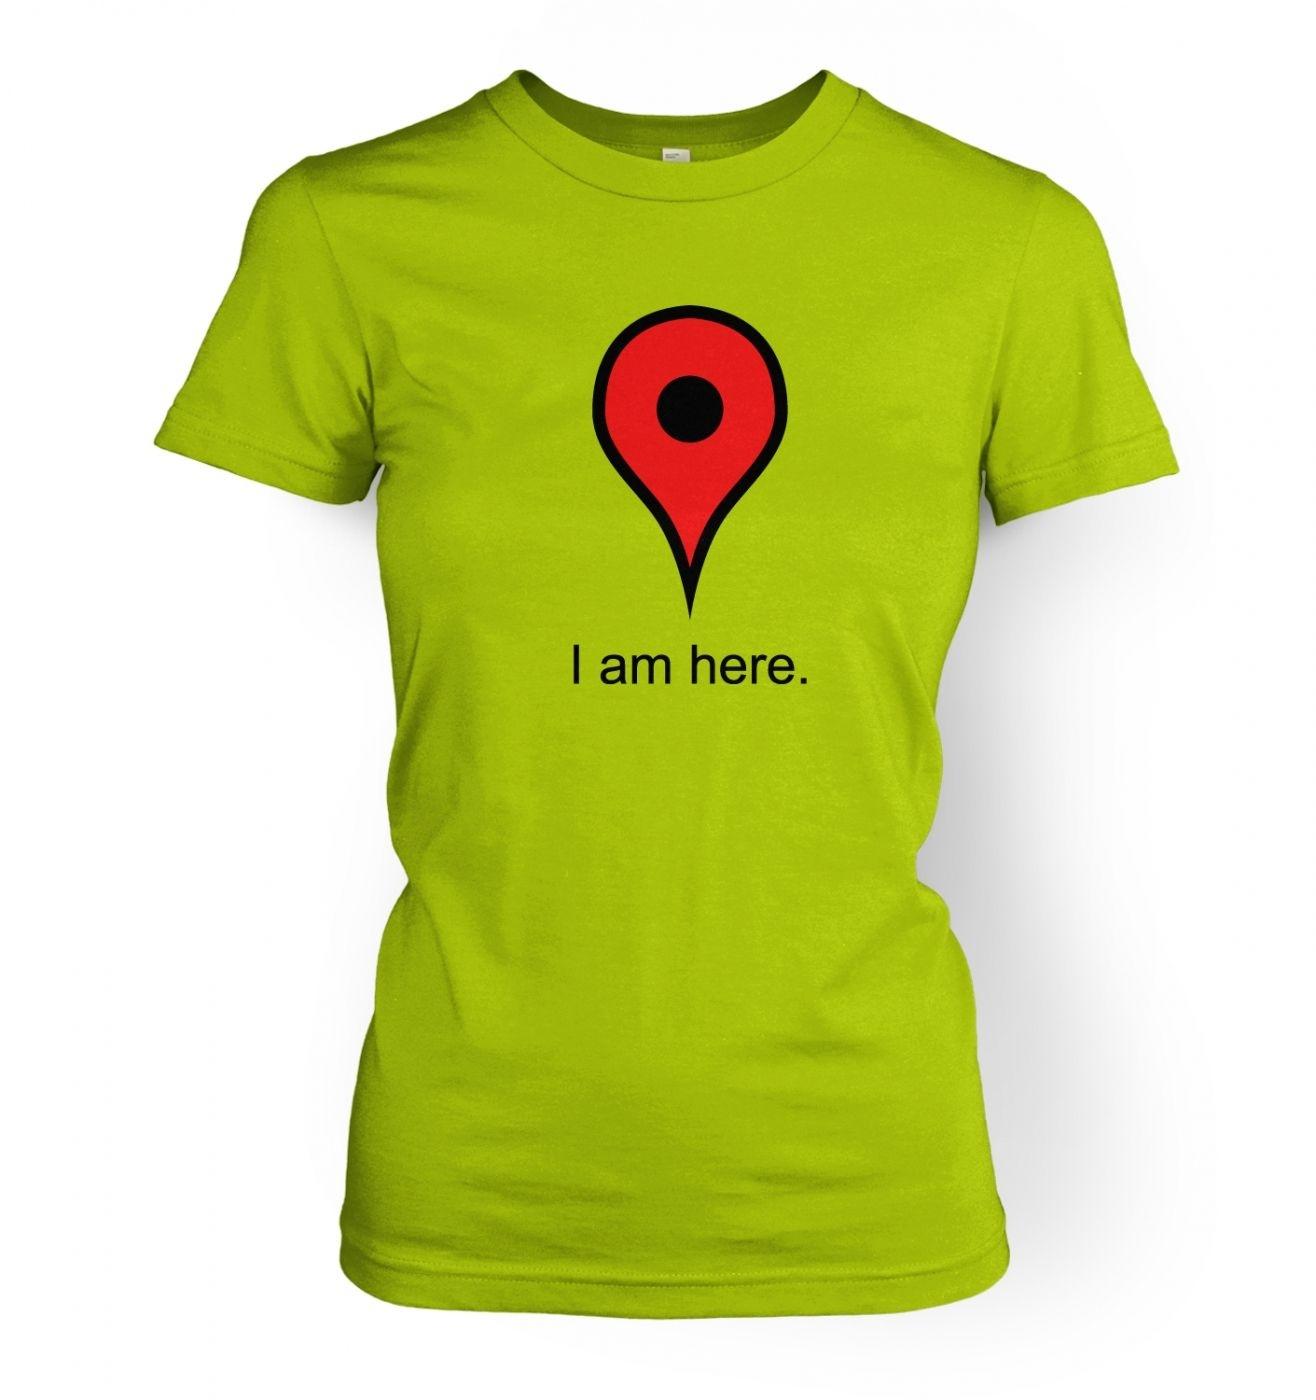 I Am Here women's t-shirt